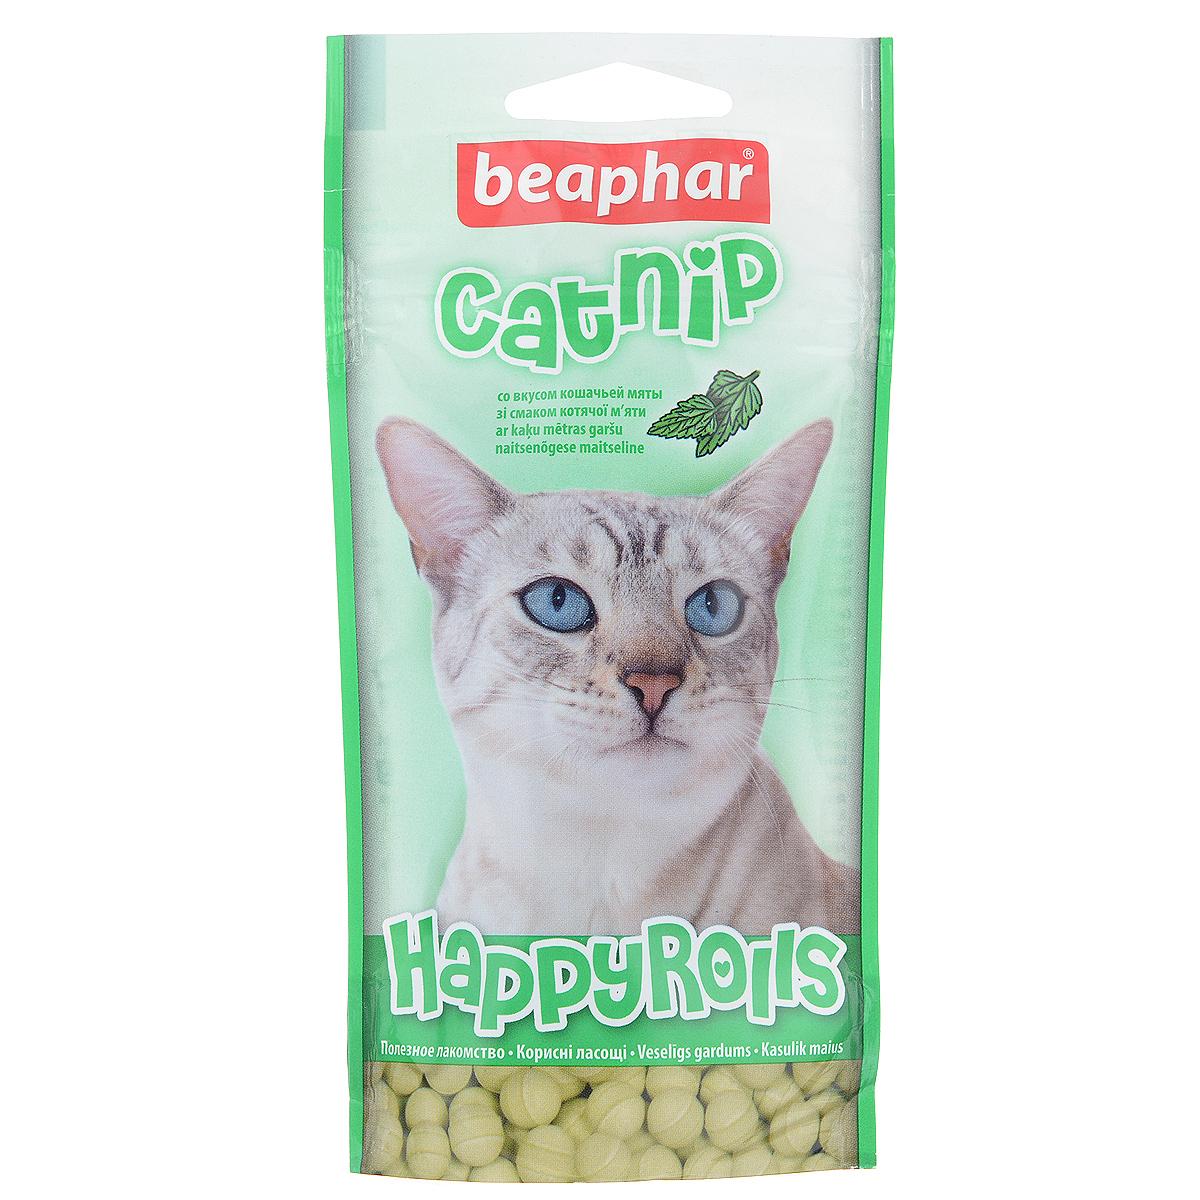 Лакомство для кошек Beaphar Catnip, с кошачьей мятой, 80 шт13186Лакомство Beaphar Catnip с кошачьей мятой предназначено для кошек. Лакомство улучшает настроение, а так же помогает уберечь кошку от стрессов. Содержит минералы, благотворно влияющие на организм кошек и котят. Таурин поддерживает хорошее зрение и здоровое сердце. Применять с 6 месячного возраста. Состав: молоко и молочные продукты (> 1,3% сыр), сахар, минеральные вещества, мясо и мясные субпродукты (> 1,3% печень), моллюски и ракообразные (> 1,3% креветки), дрожжи, продукты растительного происхождения (> 1,3% кошачья мята). Добавки: таурин - 313 мг/кг. Анализ: зола - 13,0%, протеин - 7,8%, клетчатка - 7,4%, влажность - 4,7%, жиры - 2,8%, кальций - 1,8%, фосфор - 1,3%, натрий - 0,2%, калий - 0,02%. Количество: 80 шт. Товар сертифицирован.